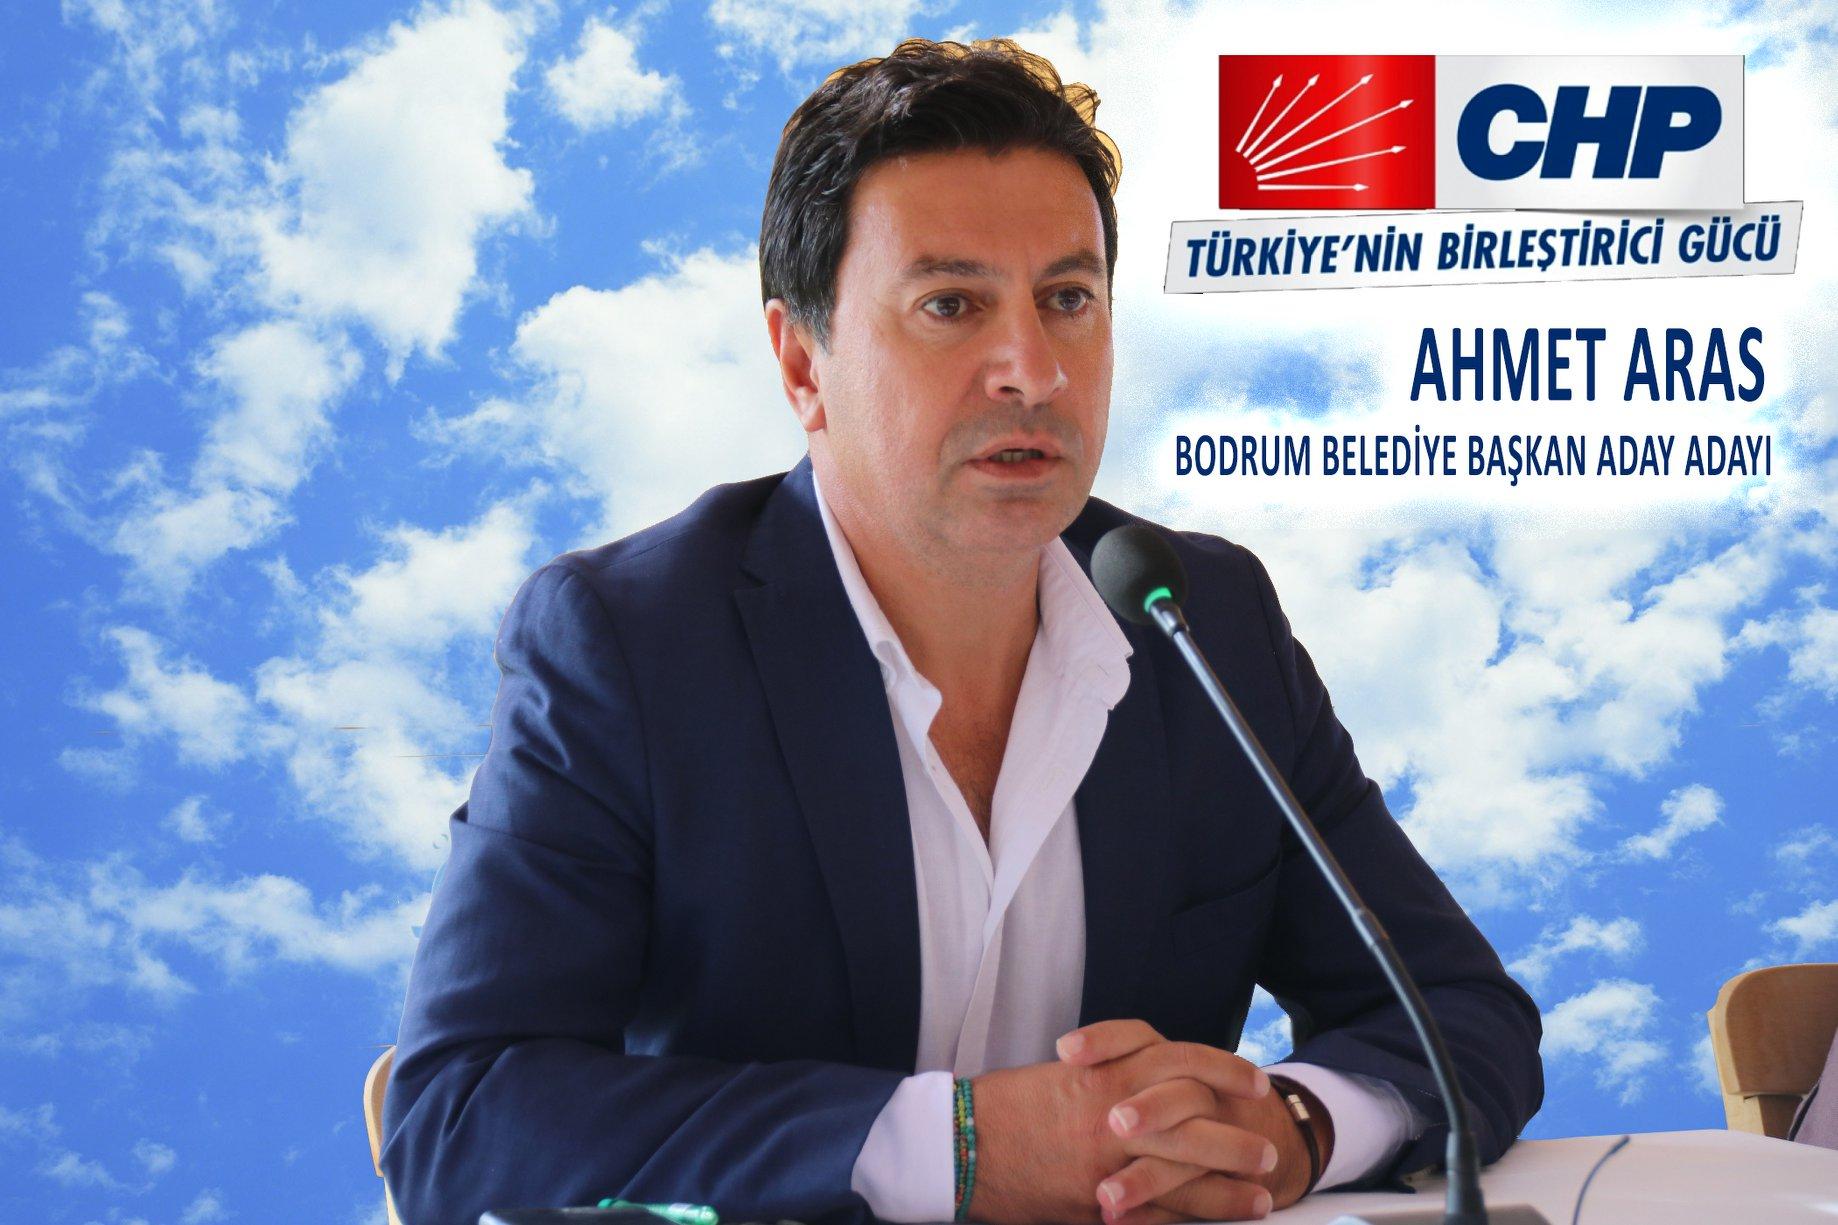 Bodrum Belediye Başkanı CHP'li Ahmet Aras ile ilgili görsel sonucu